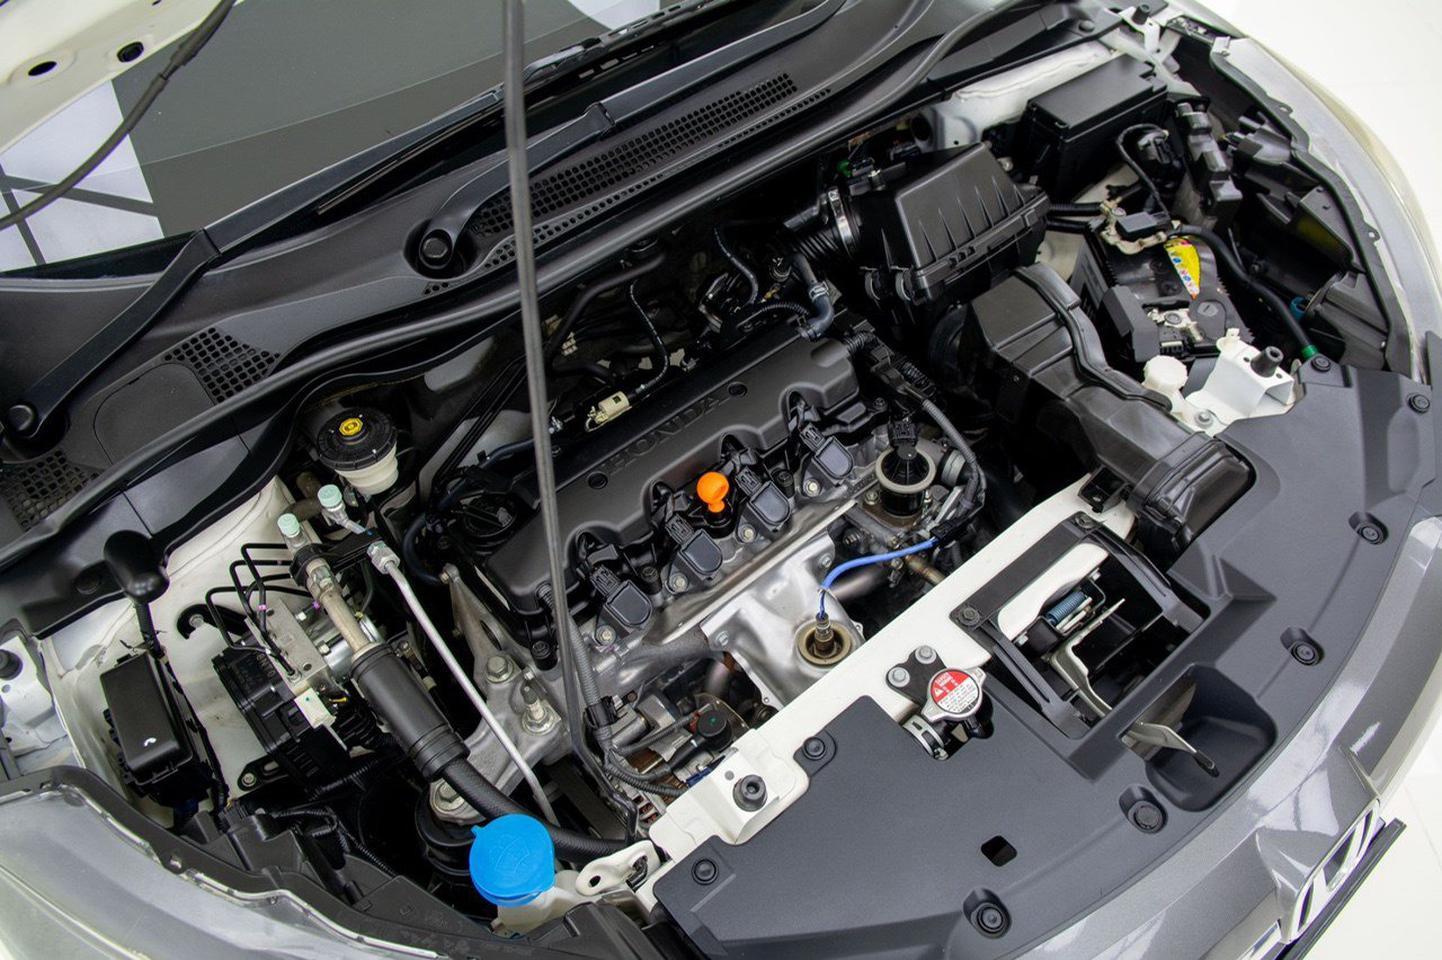 รถยนต์มือสองคุณภาพดีพร้อมใช้งานรับประกันคุณภาพ รูปที่ 4